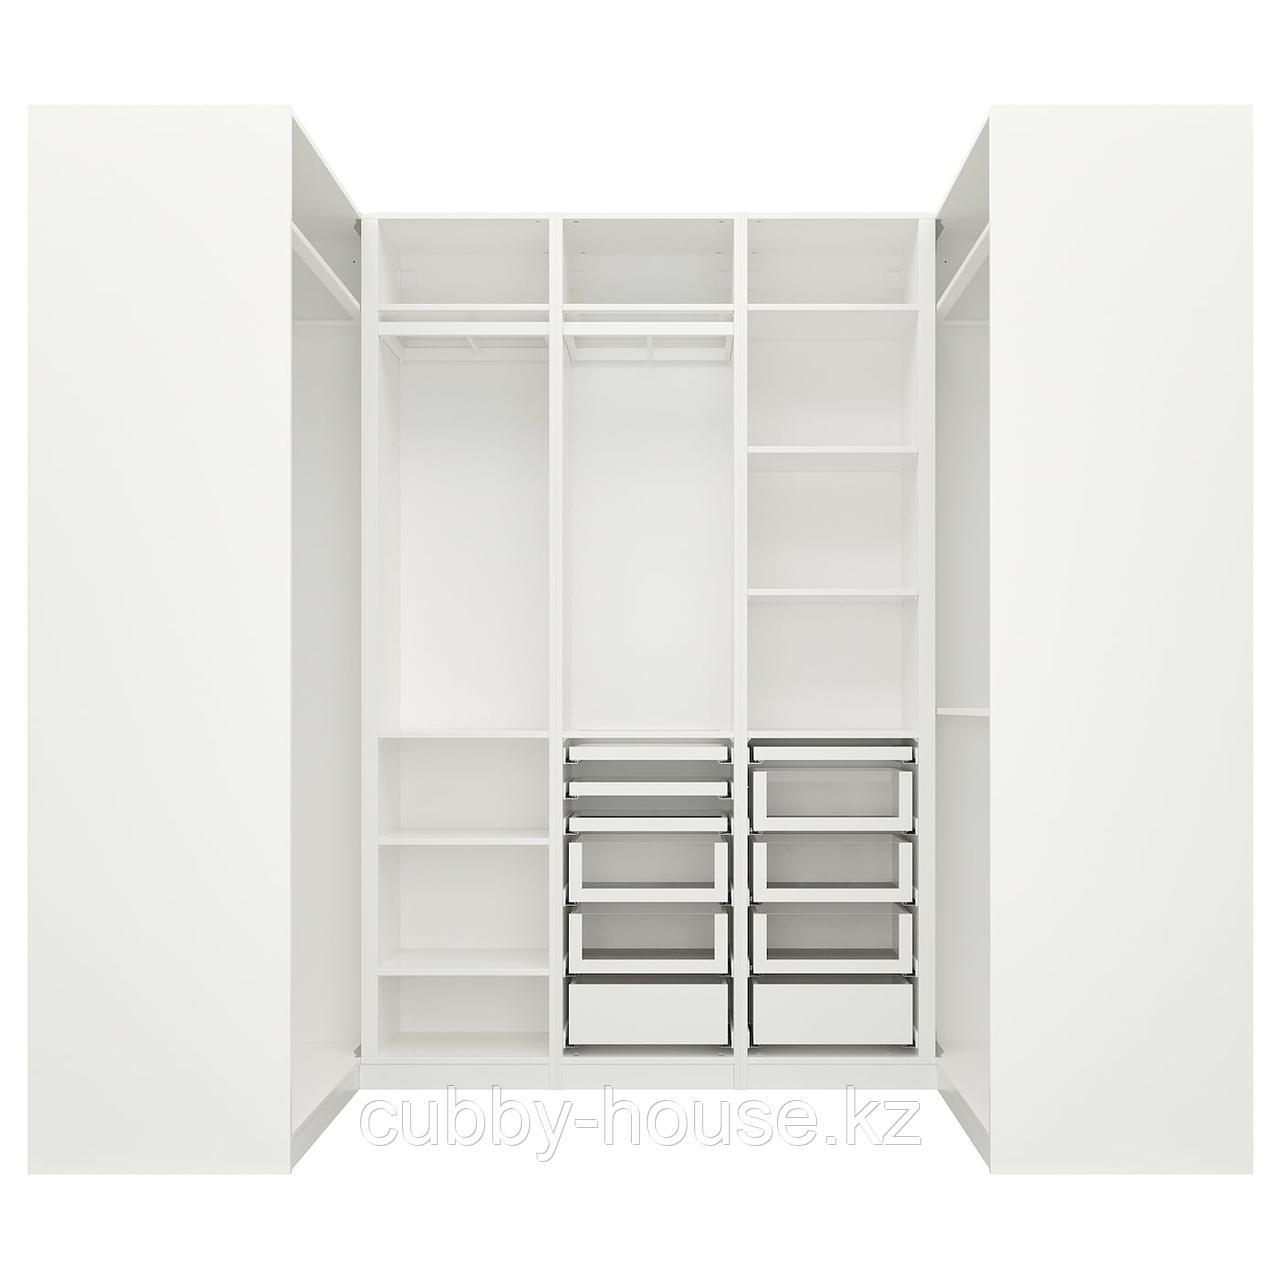 ПАКС Гардероб угловой, белый, 113/271/113x236 см